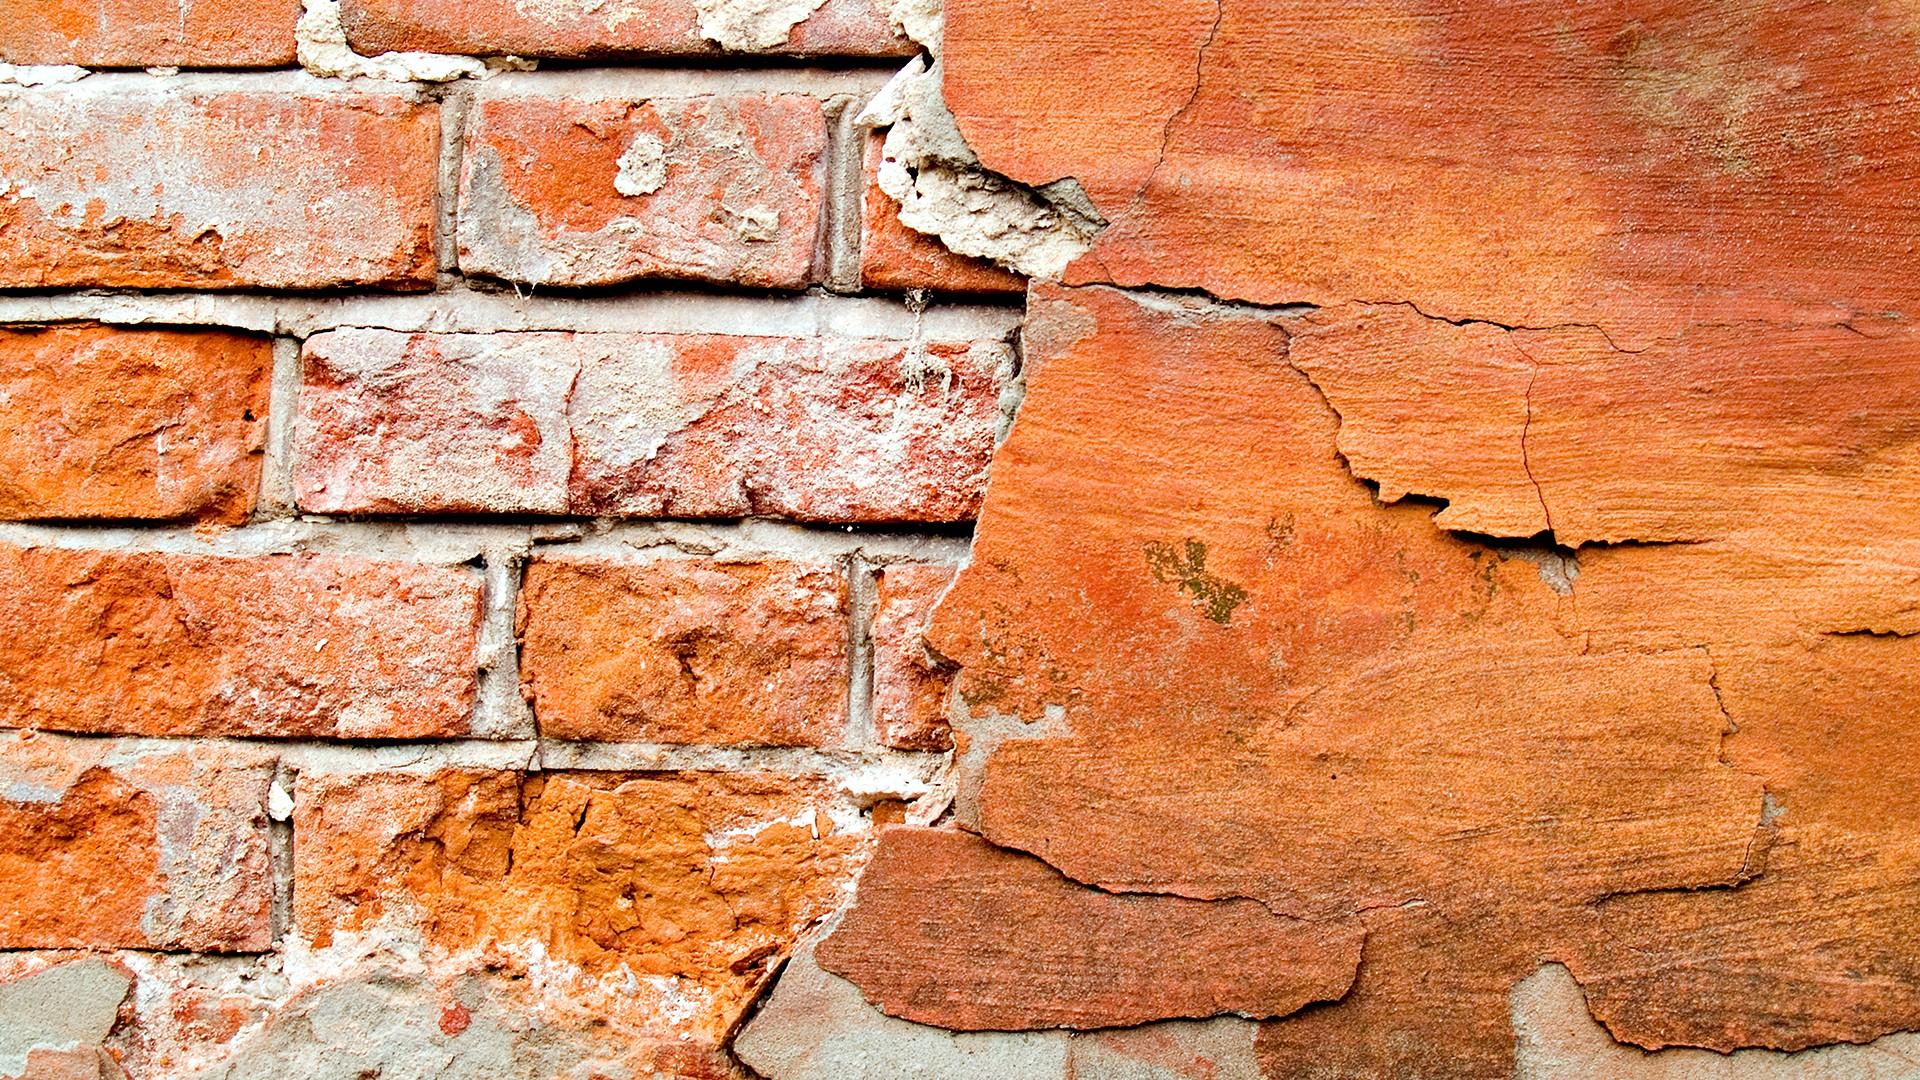 Fondos de pantalla rock pared ladrillos madera - Ladrillos de piedra ...